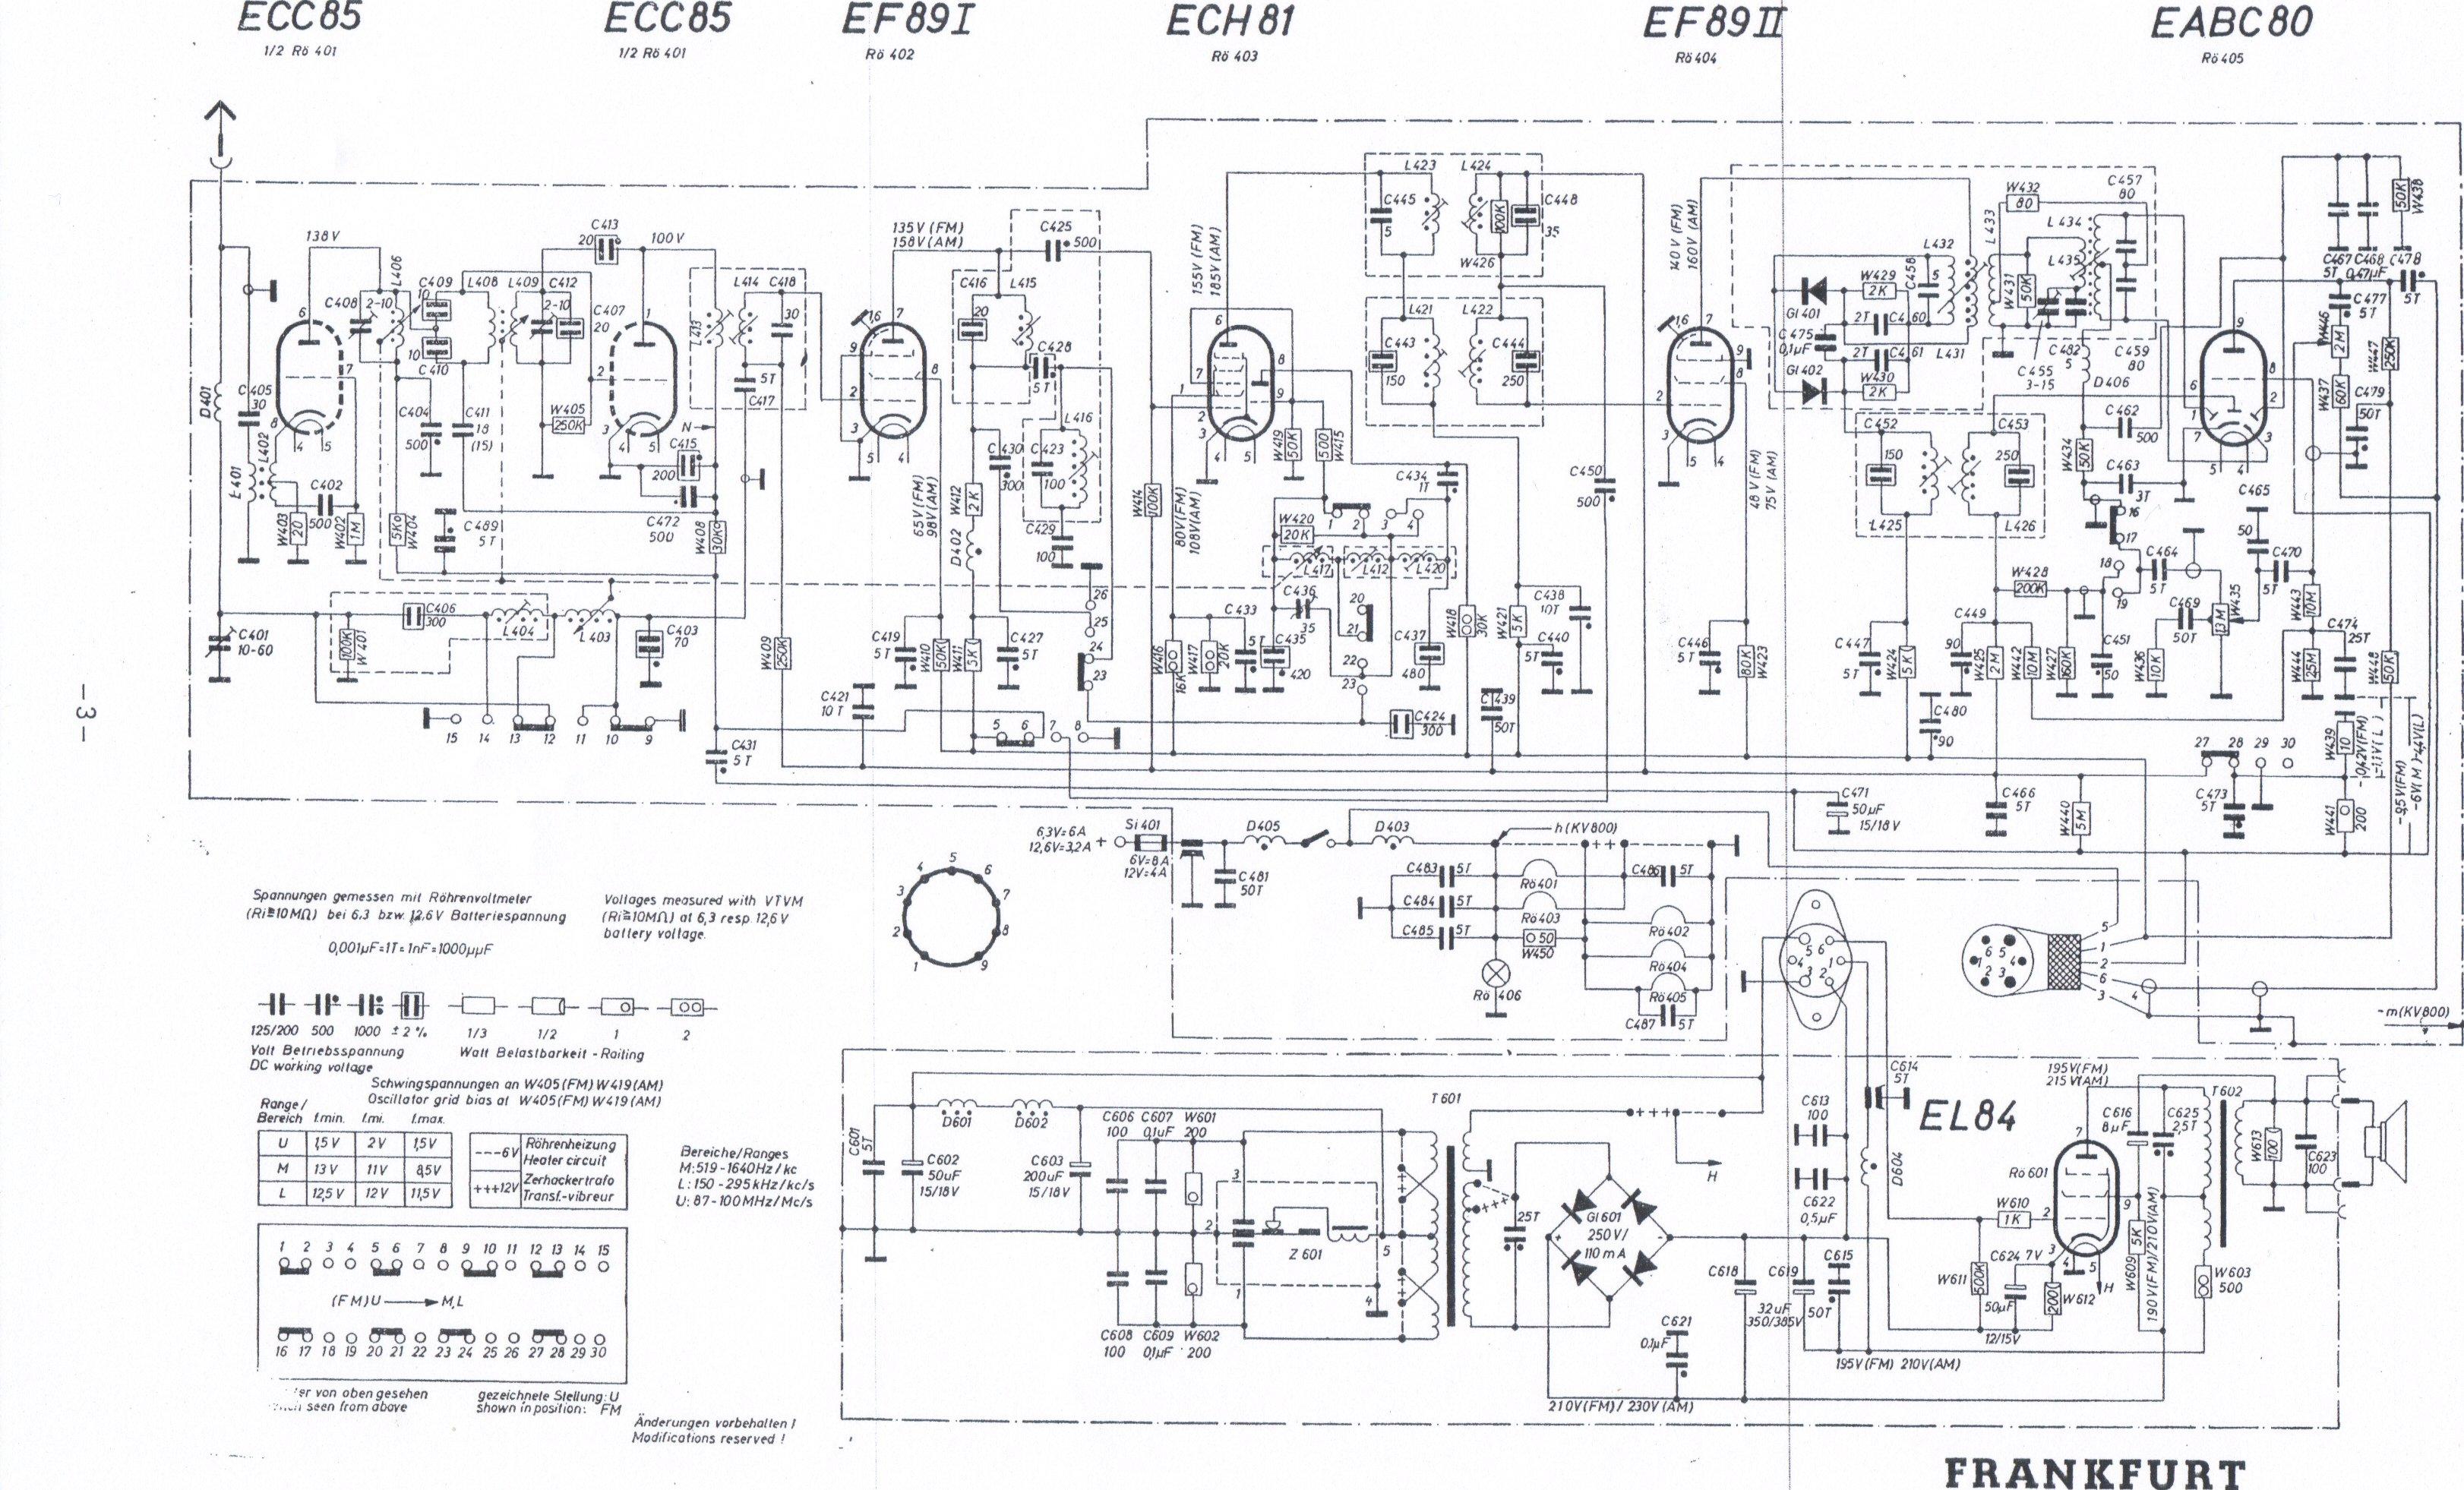 thesamba com 1959  59 blaupunkt frankfurt radio chassis wiring diagram 1994 ford f350 chassis wiring diagram 2004 fleetwood r35